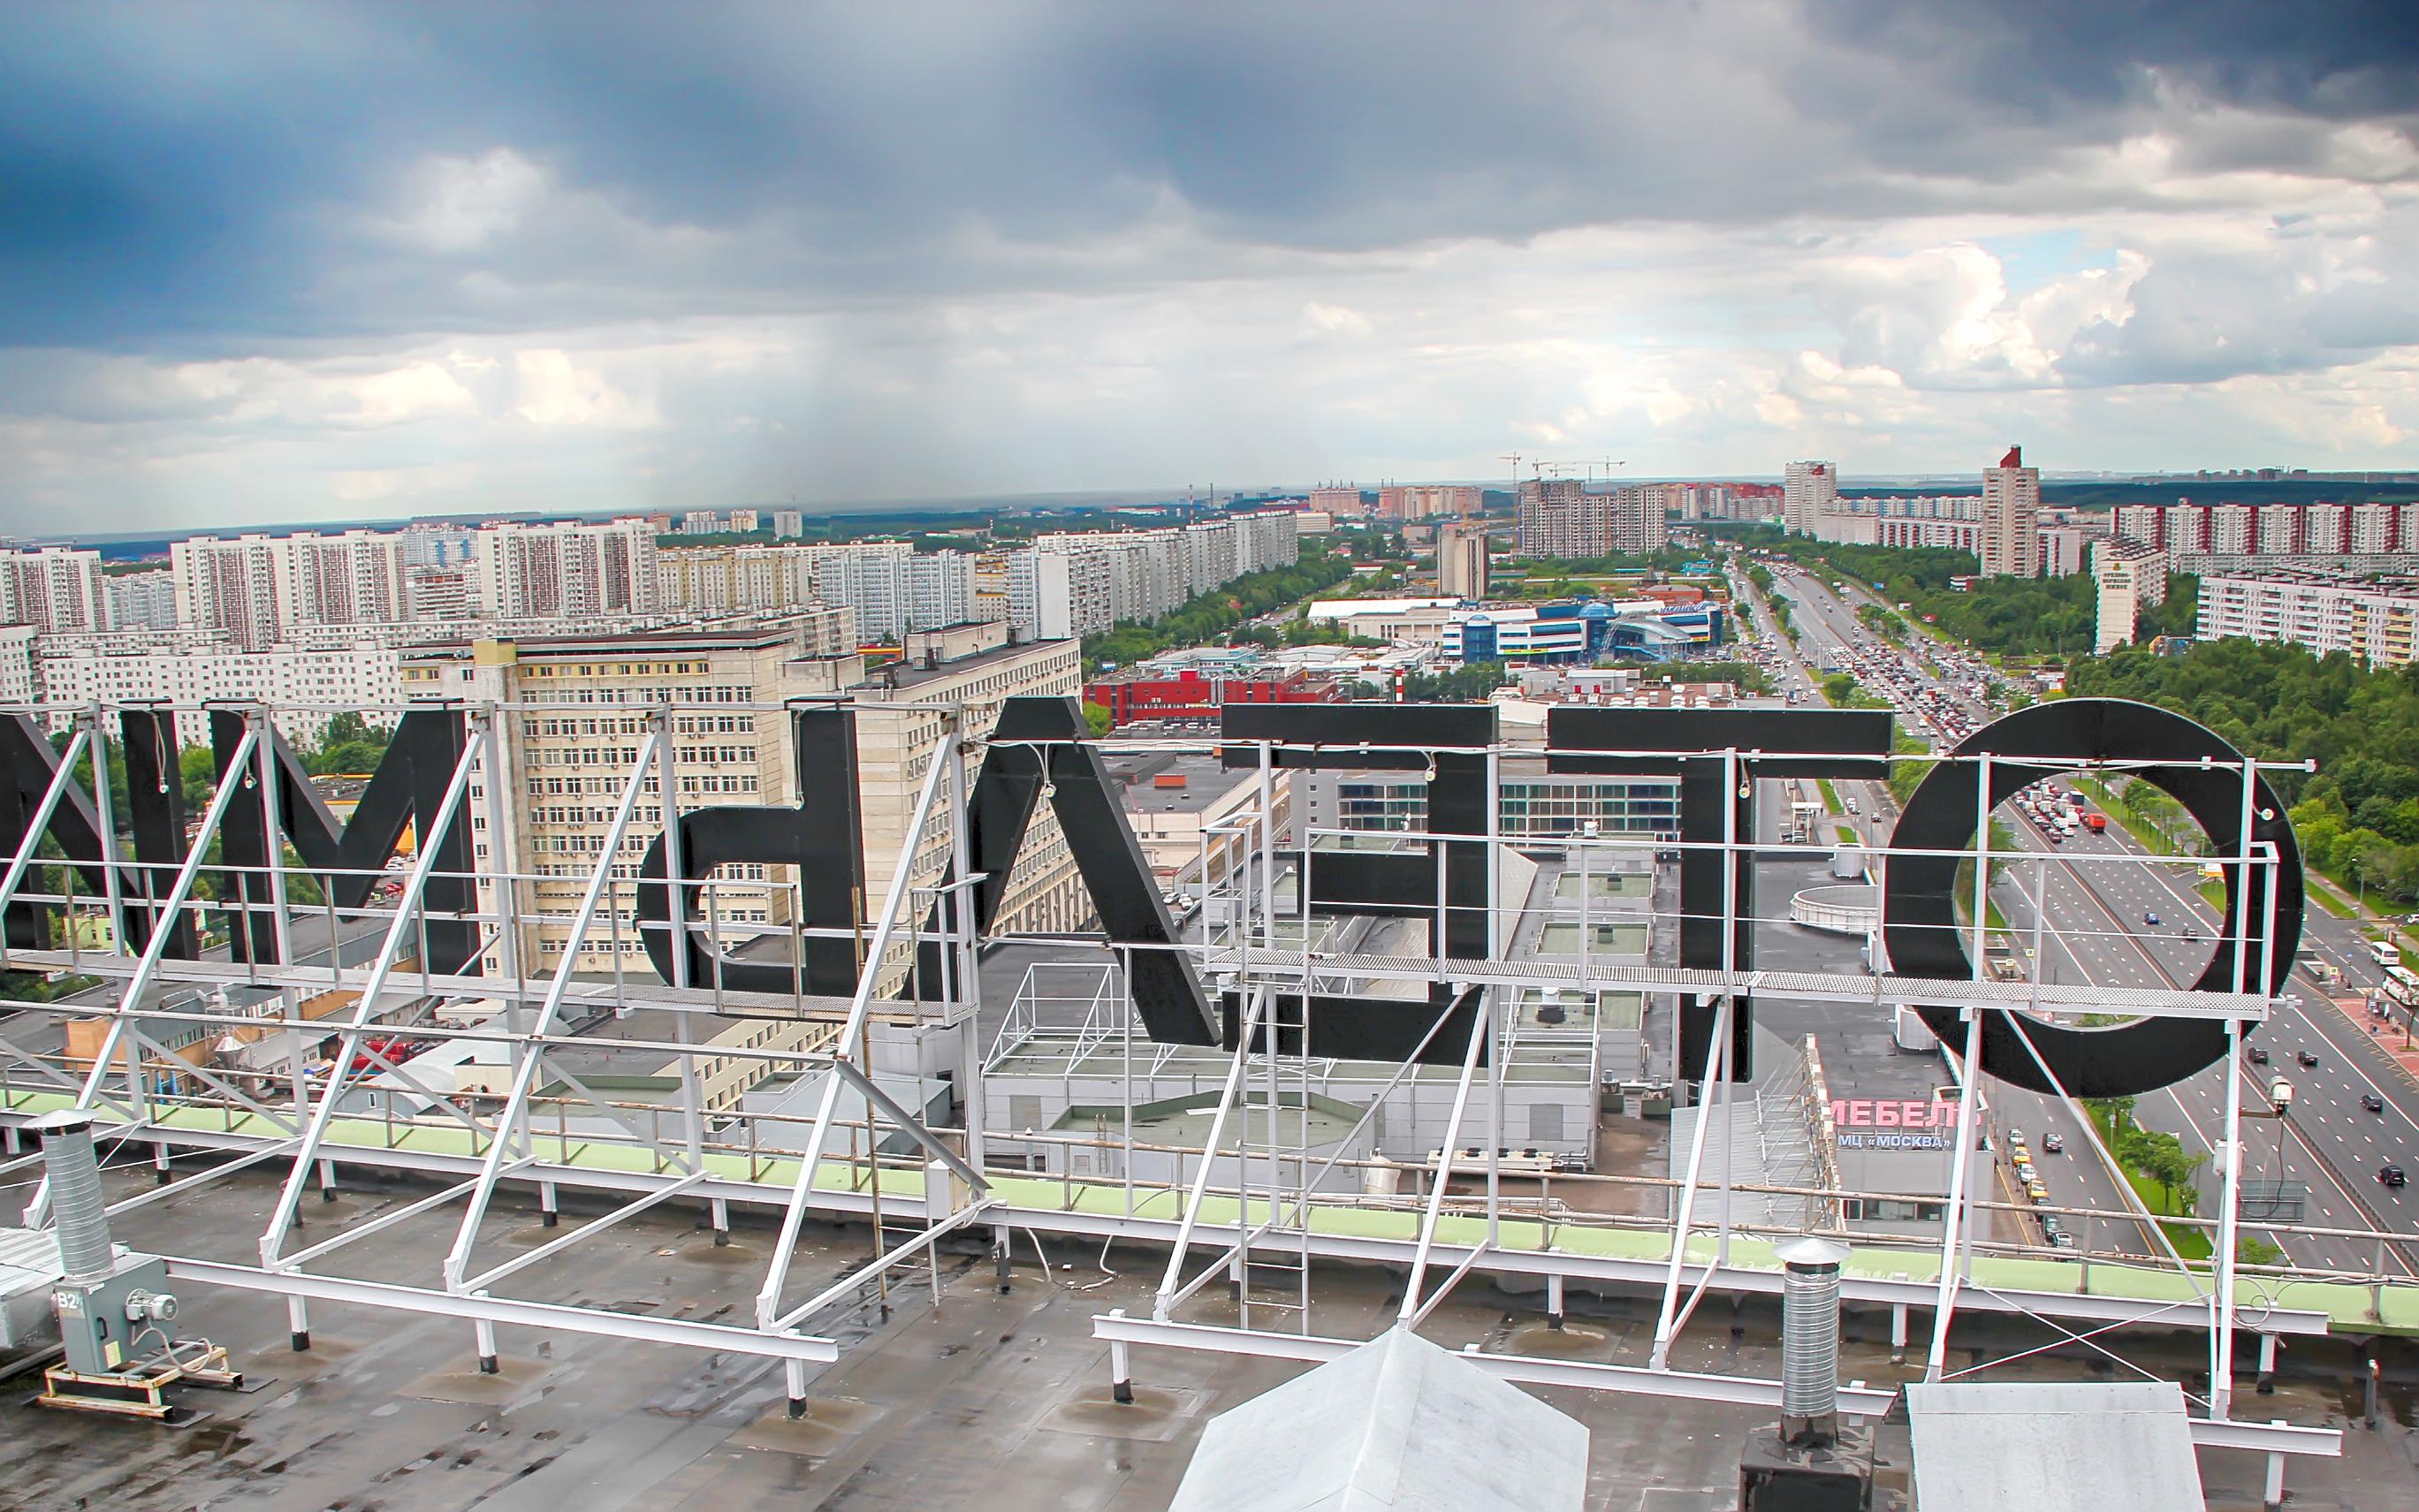 Монтаж крышной конструкции 'Отель'